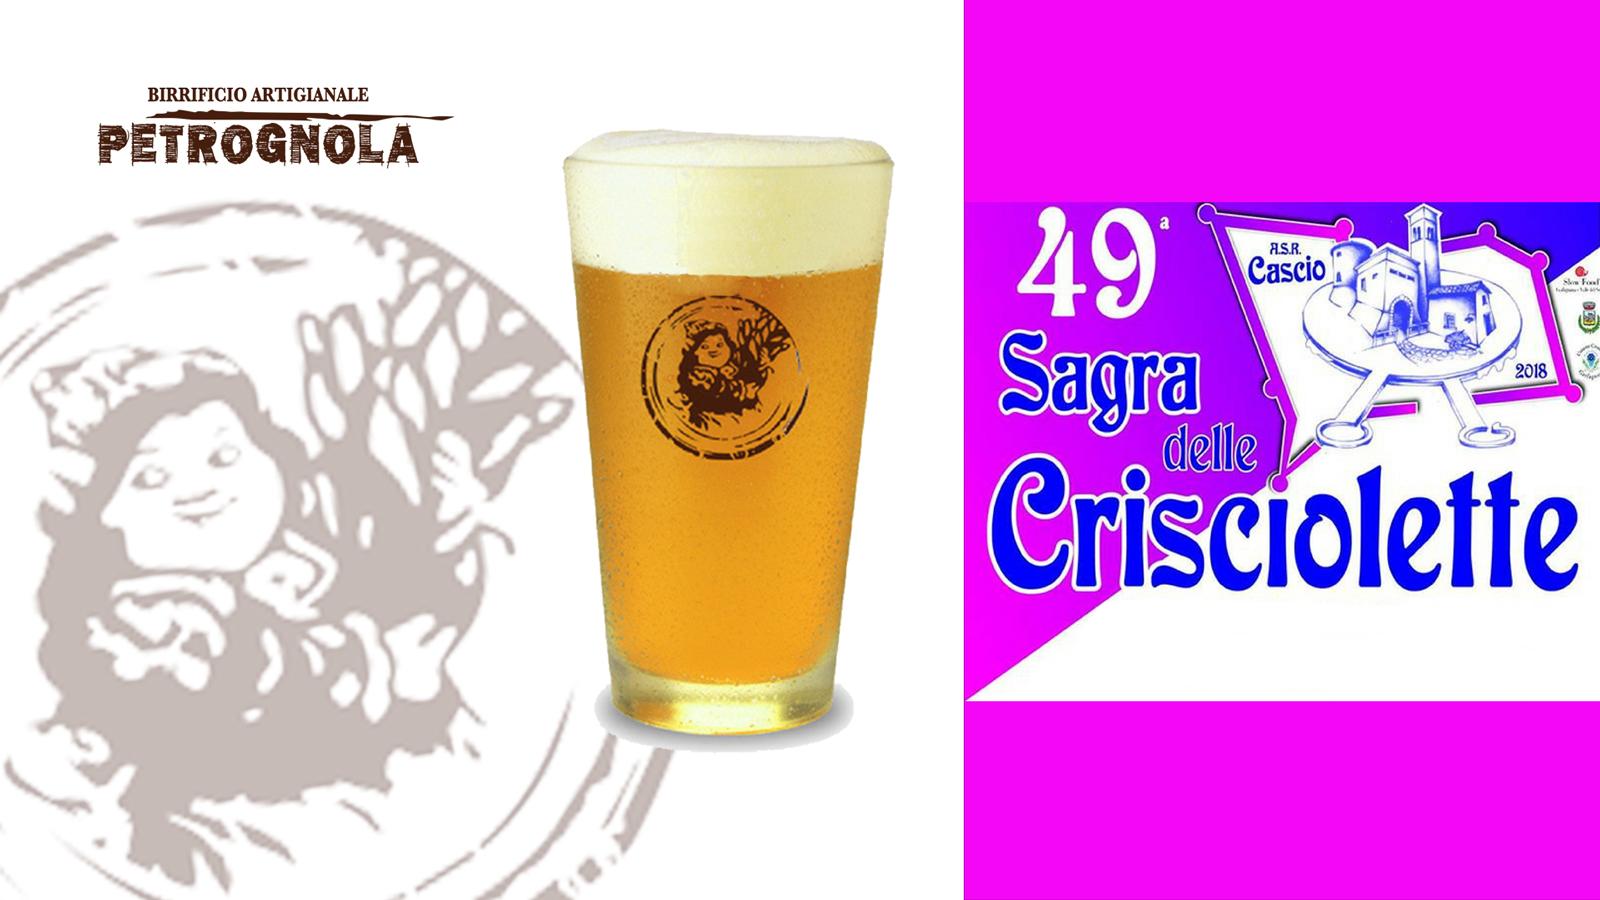 Sagra delle Crisciolette e Birra Artigianale Petrognola